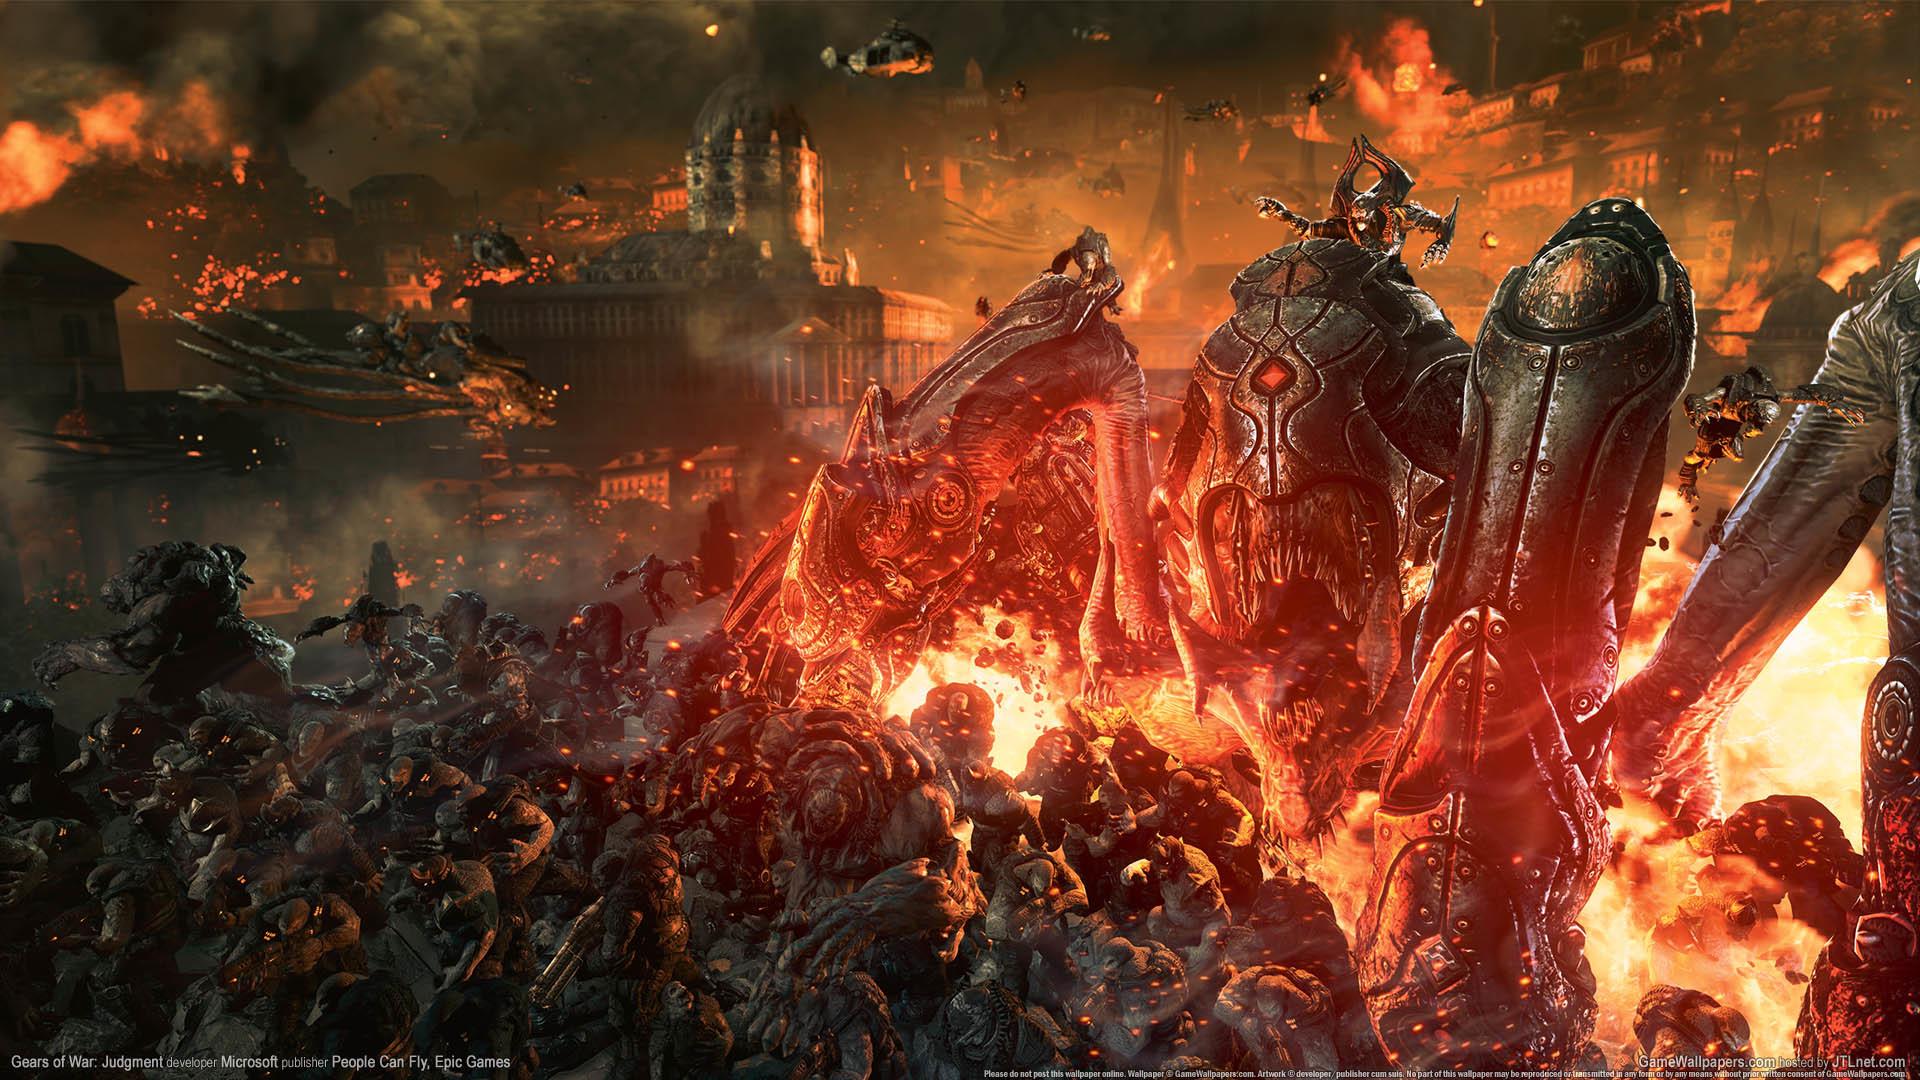 Gears Of Wars 3 Wallpaper: Gears Of War Judgement Wallpaper (74+ Images